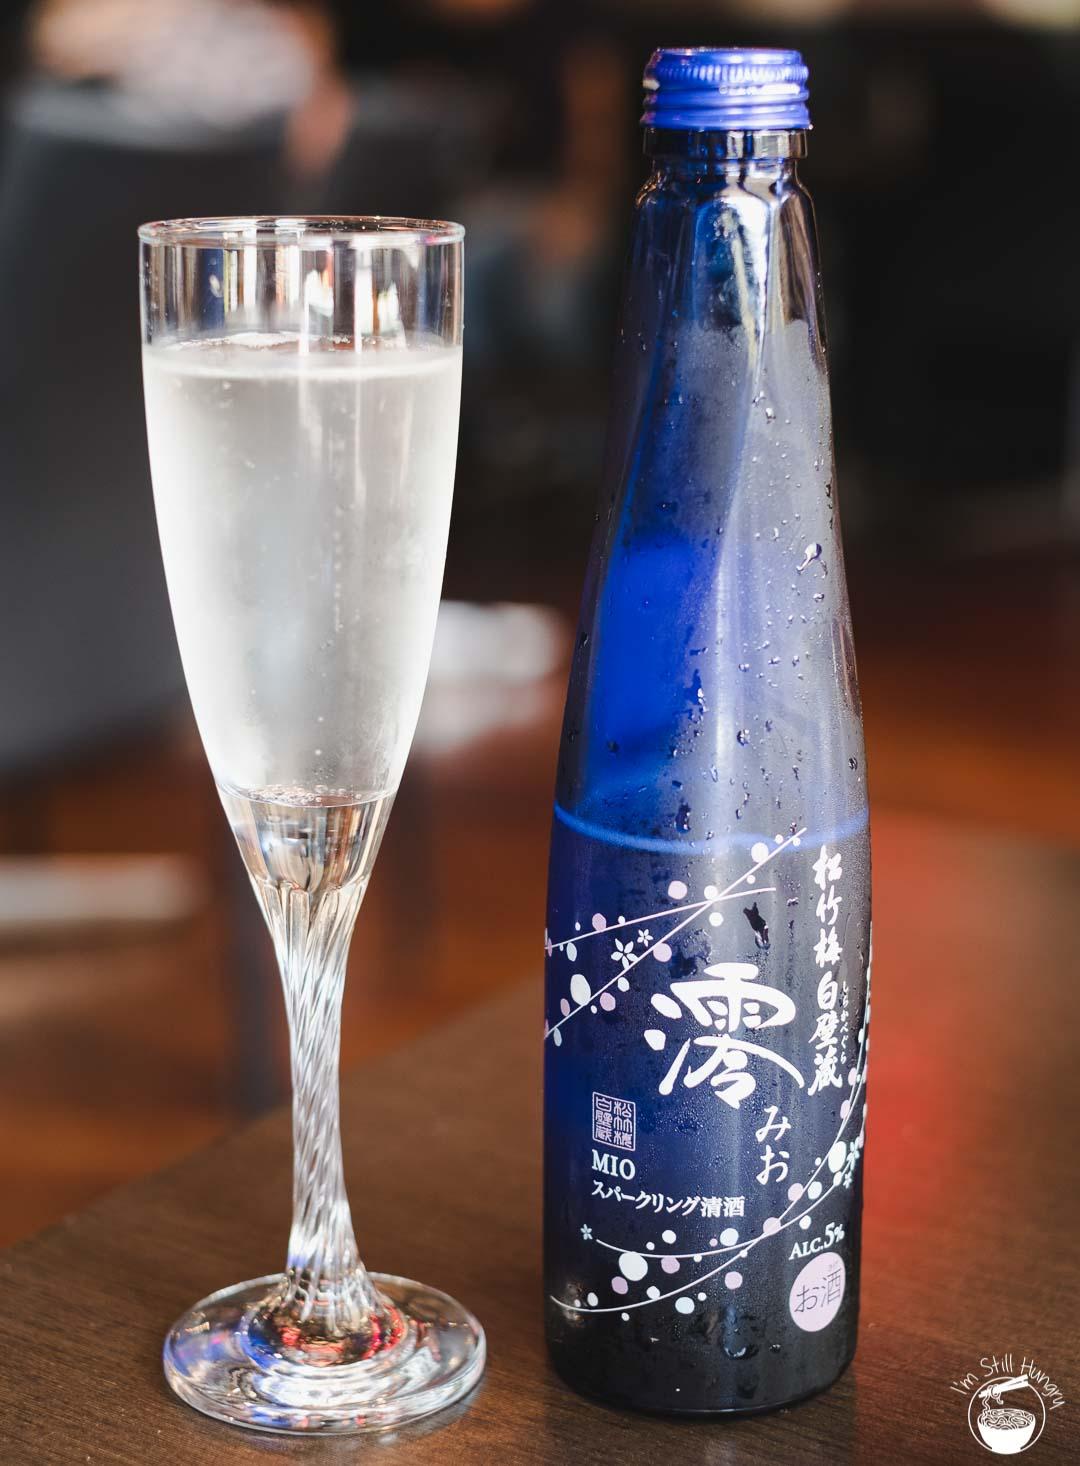 Toshiya Cremorne Mio Sparkling Sake